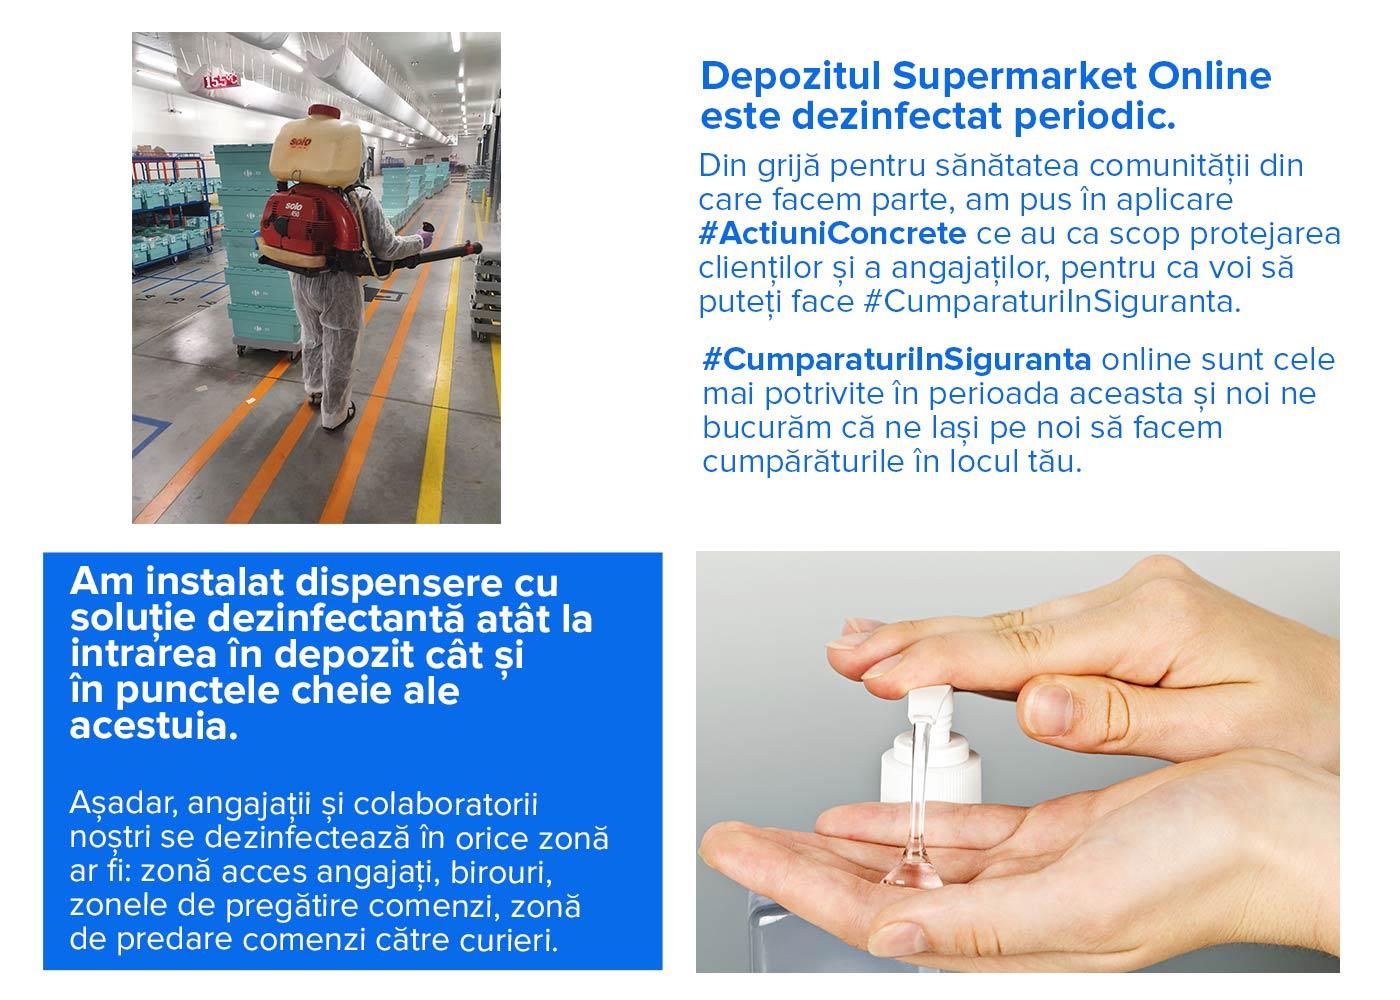 Depozitul Supermarket Online este dezinfectat periodic.